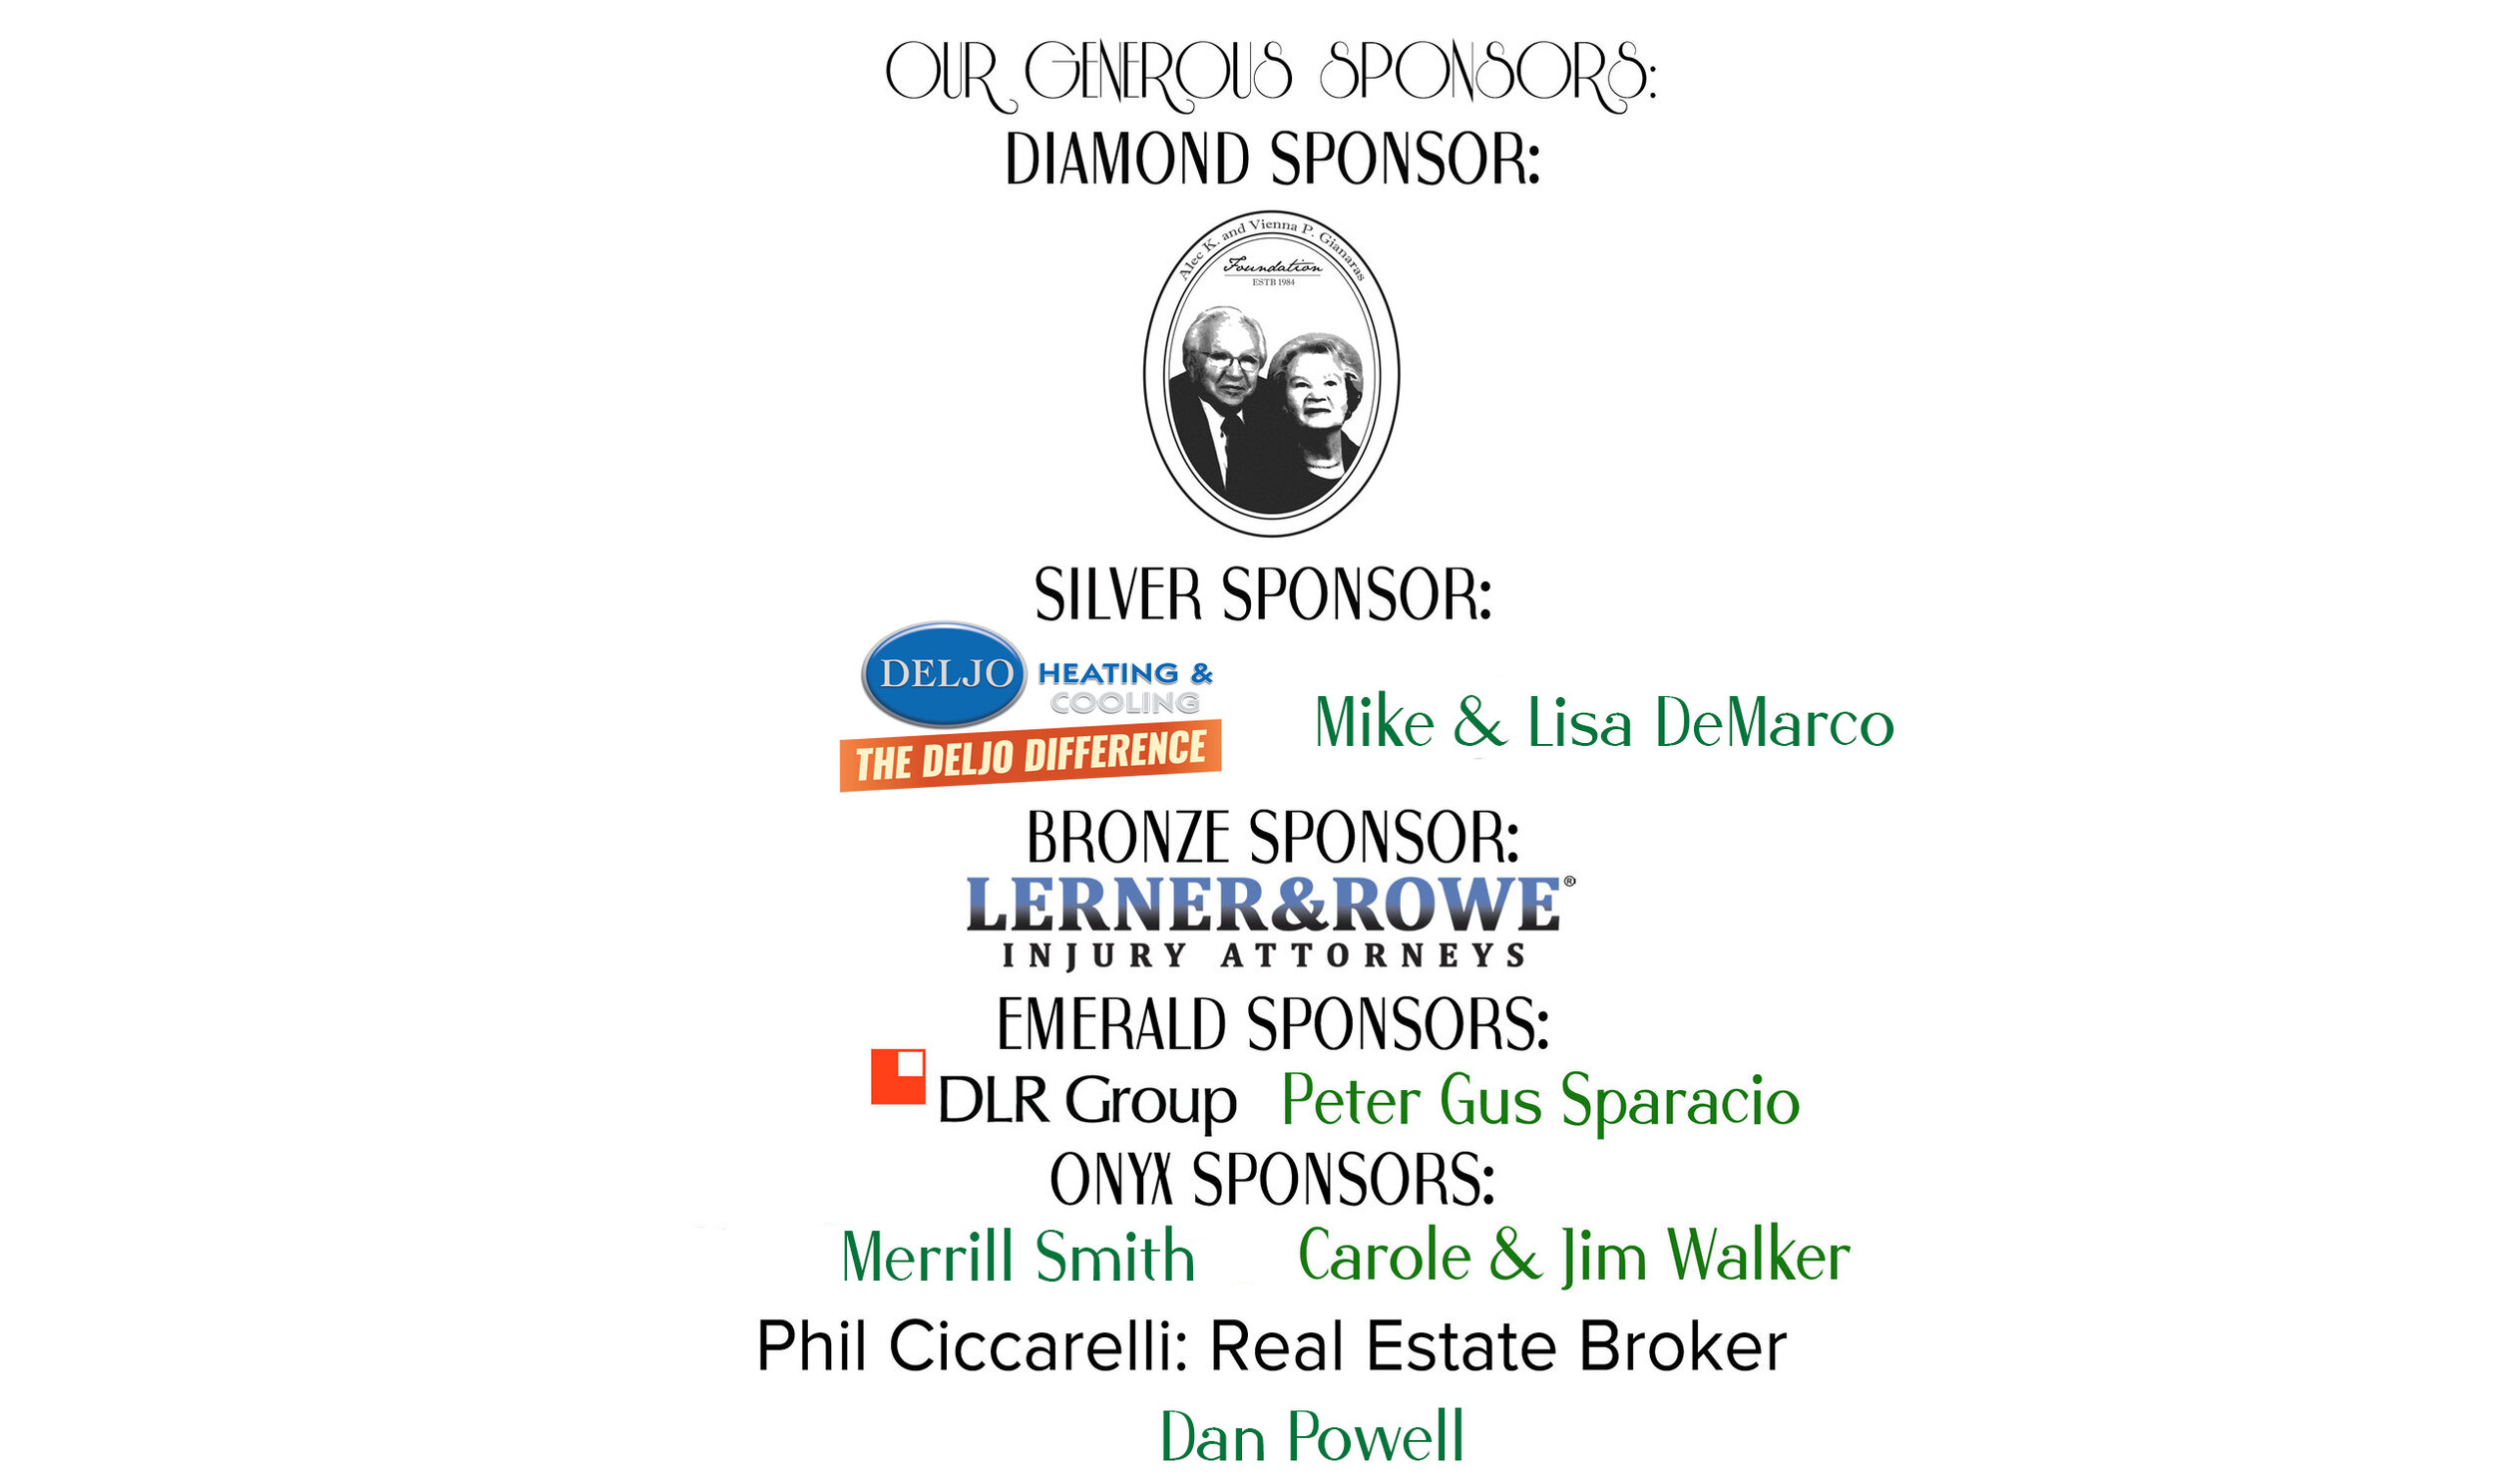 Updated Sponsors 911.jpg